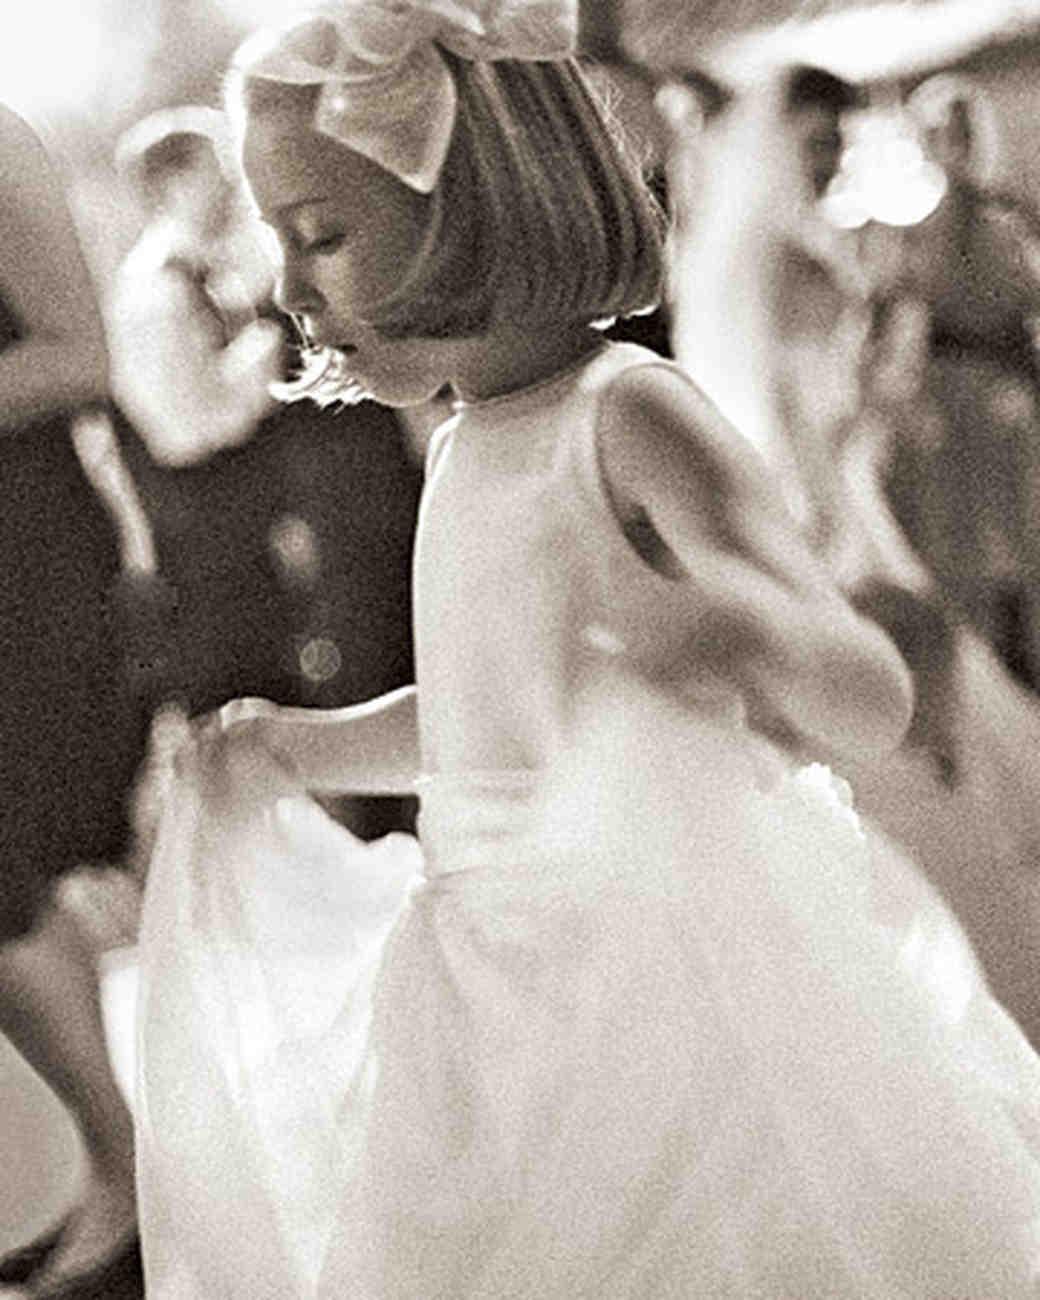 mws1544_fal08_rhap_dance.jpg